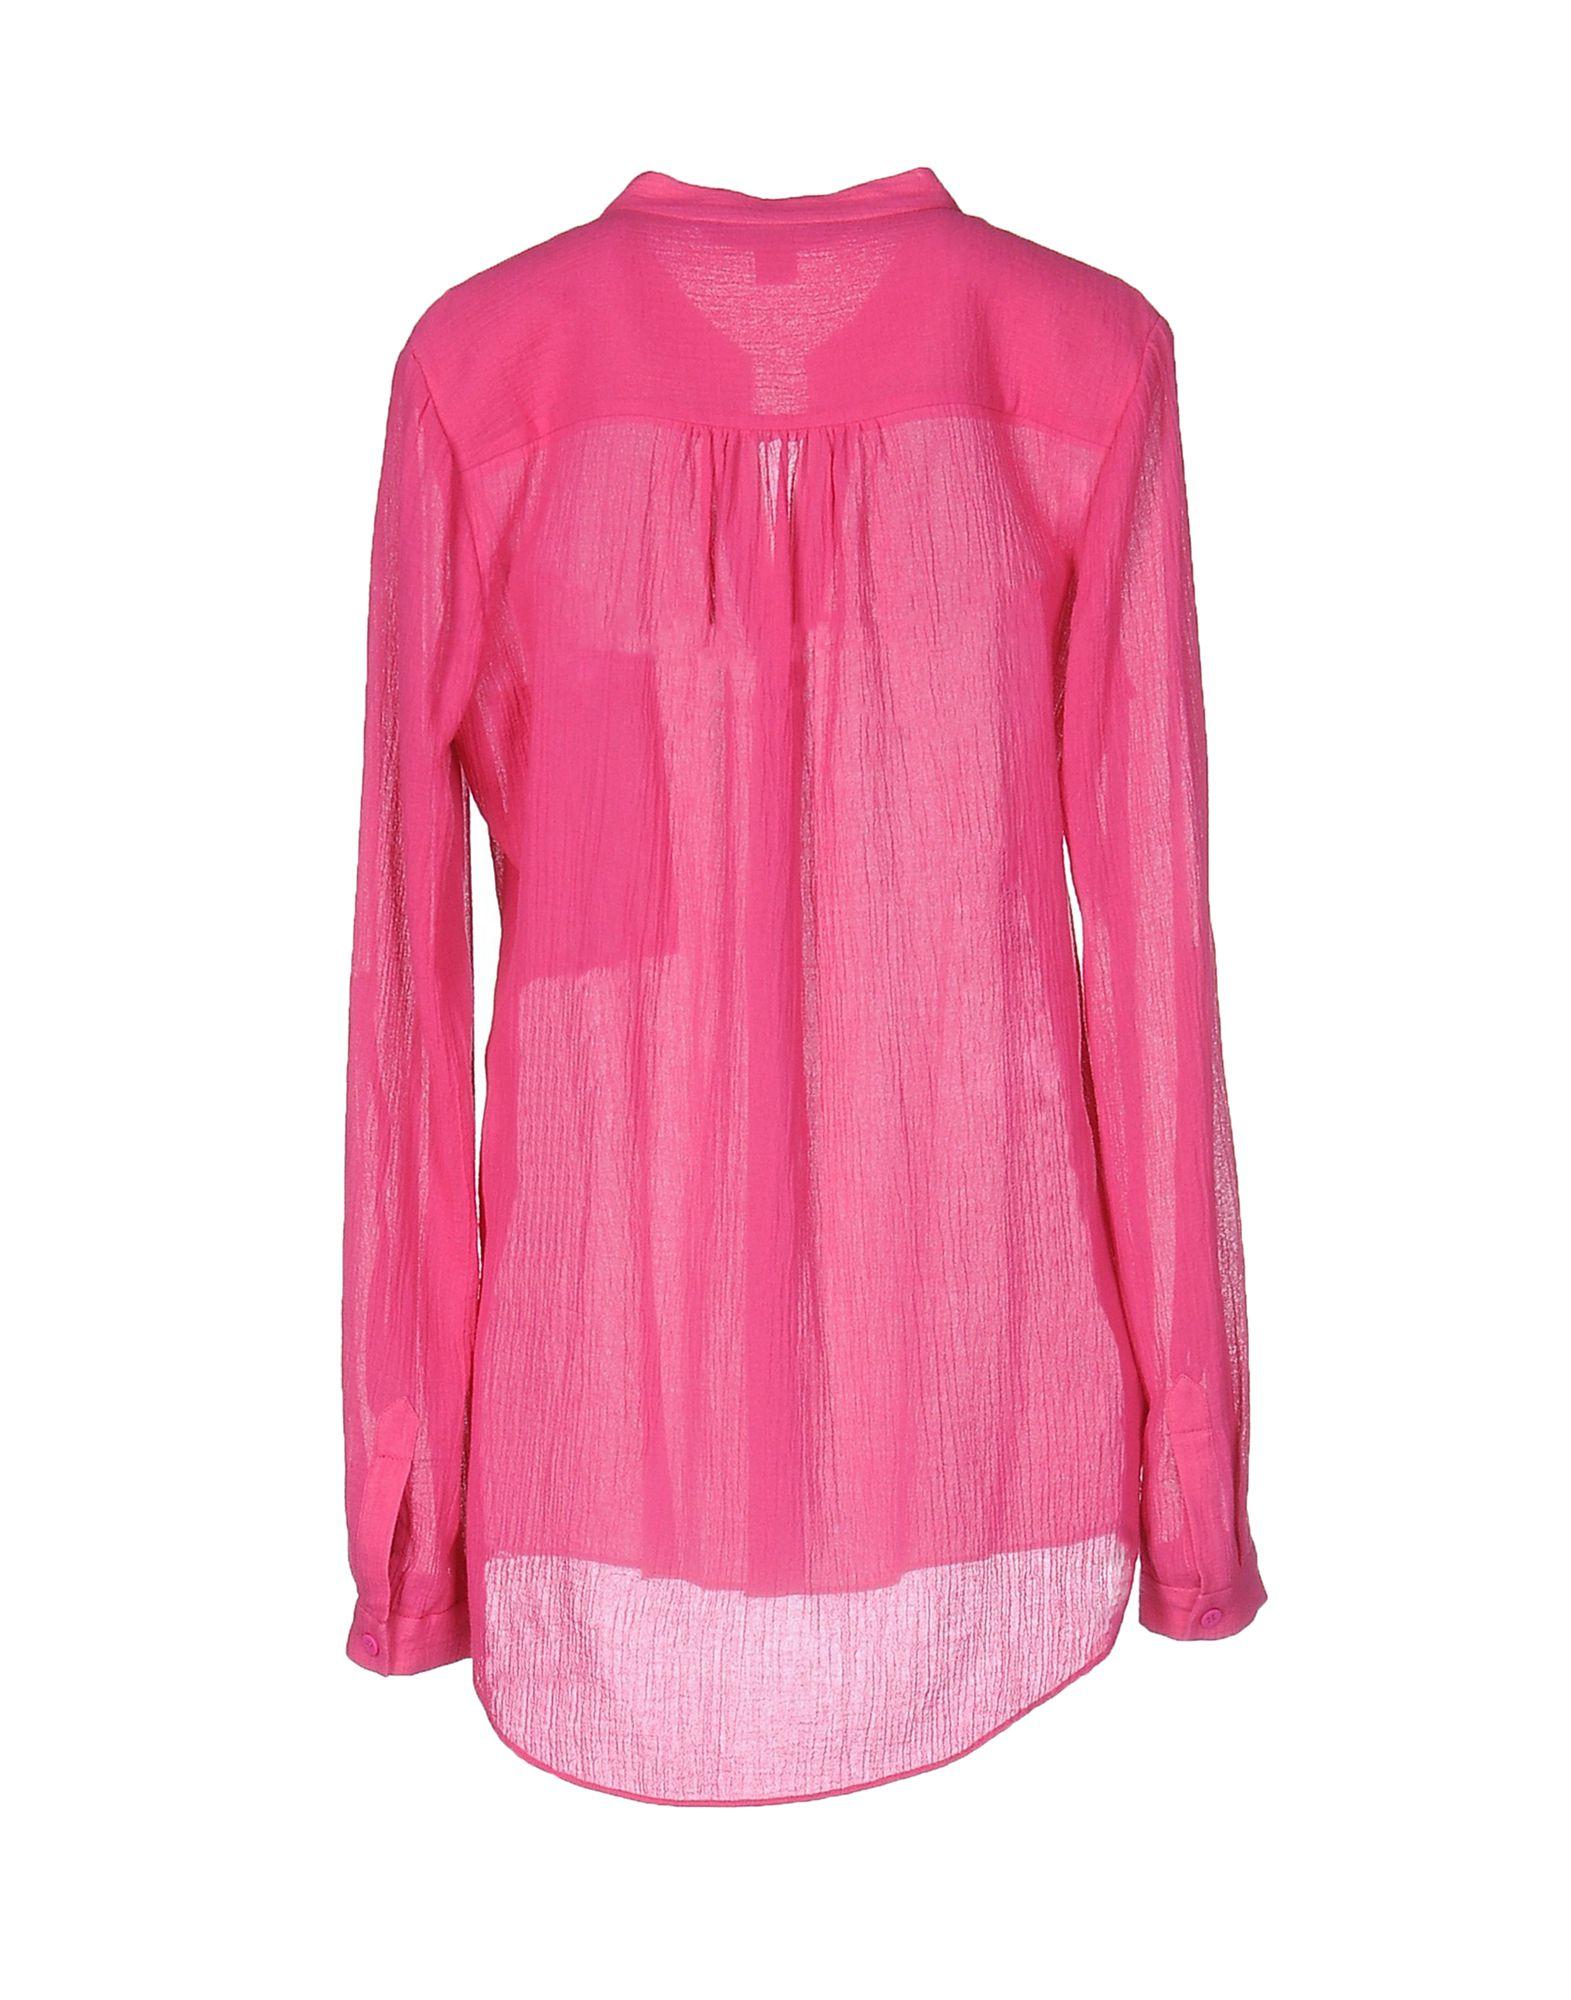 Lyst diane von furstenberg shirt in pink for Diane von furstenberg shirt